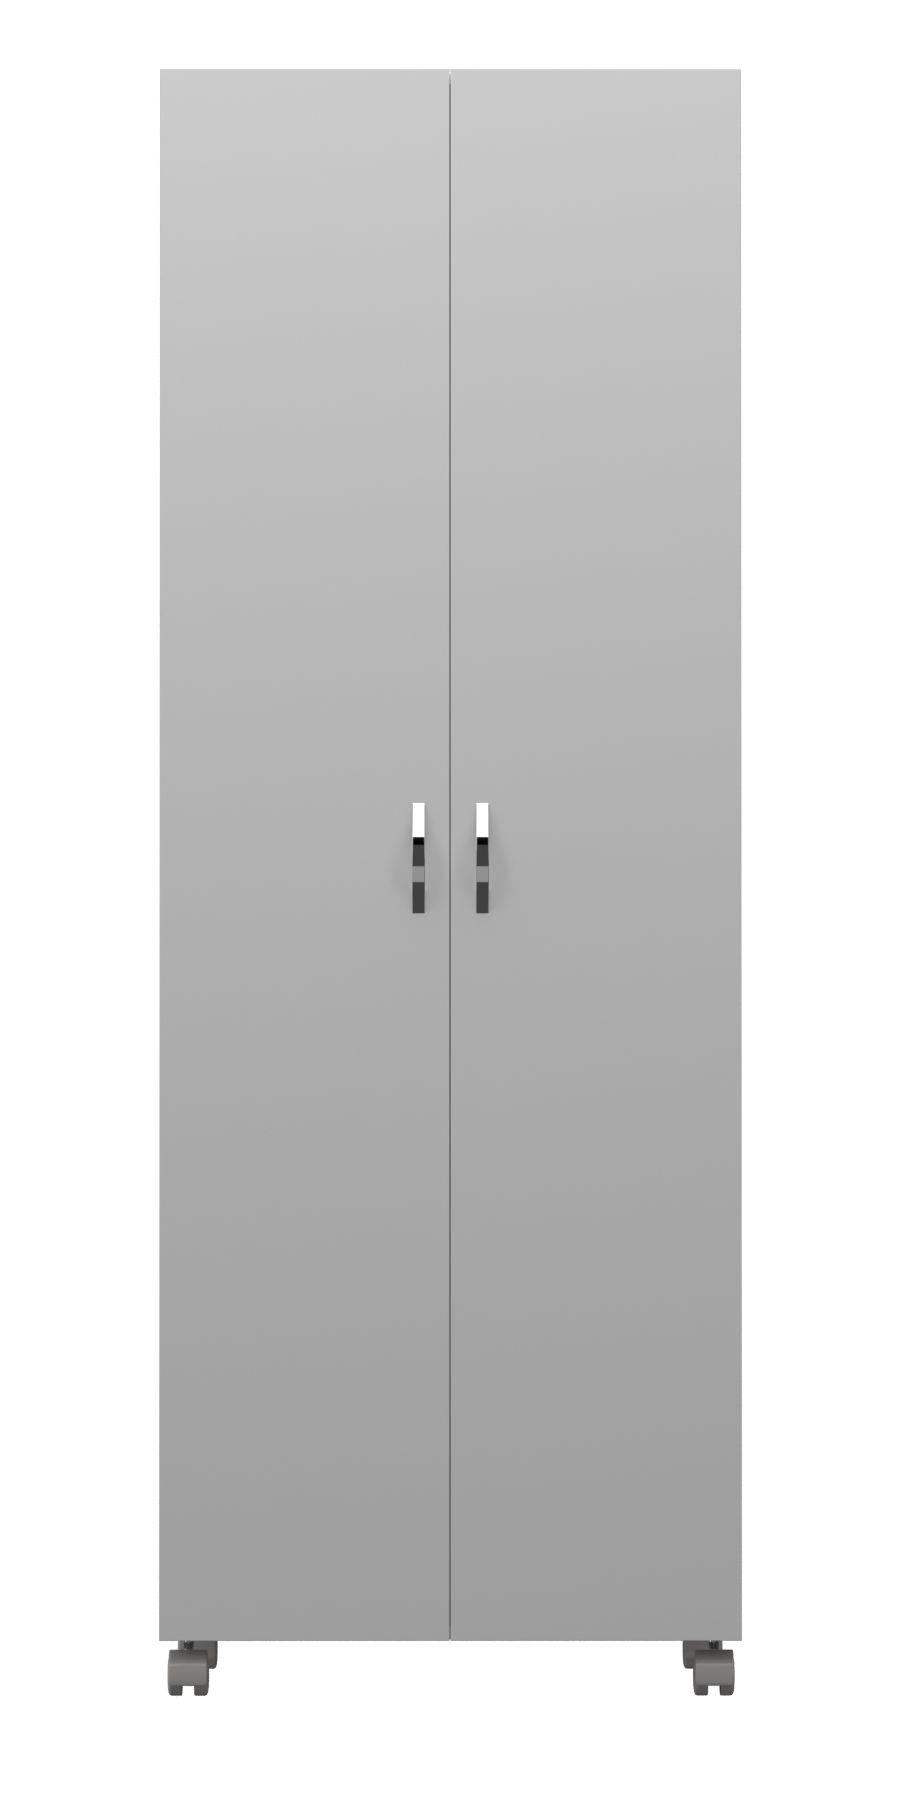 Armário Multiuso para Área de Serviço 2 Portas com Rodízio   - Loja de Móveis e Artigos para Decoração | TudoParaDecorar.com.br